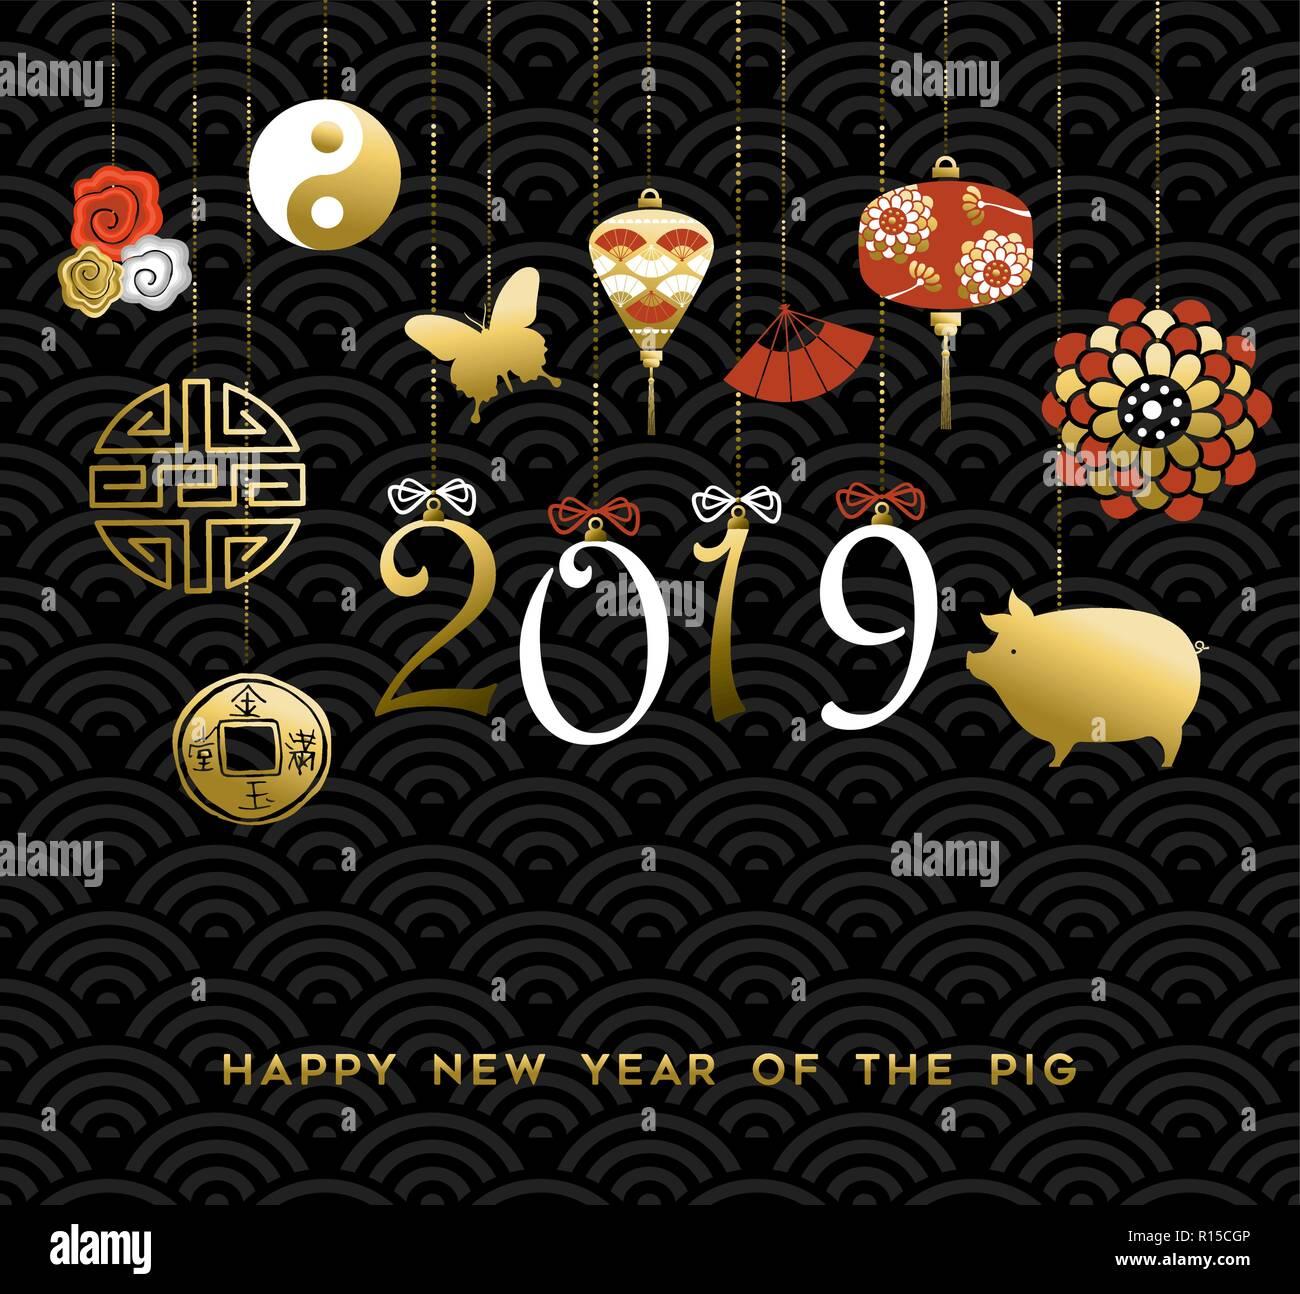 Chinesisches Neues Jahr des Schweins Grußkarte mit 2019 urlaub Datum ...